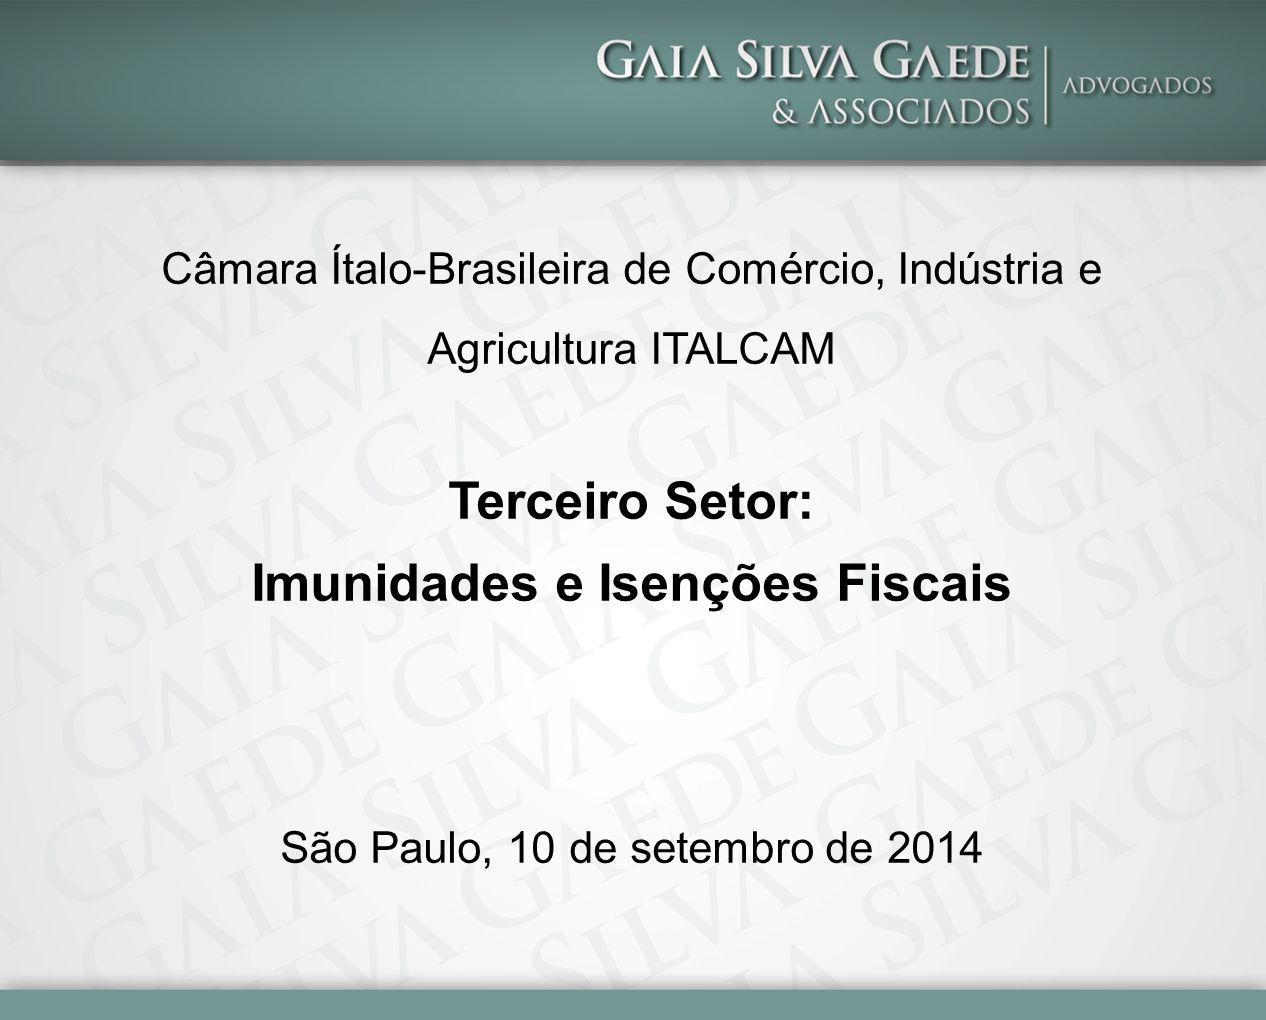 Câmara Ítalo-Brasileira de Comércio, Indústria e Agricultura ITALCAM Terceiro Setor: Imunidades e Isenções Fiscais São Paulo, 10 de setembro de 2014